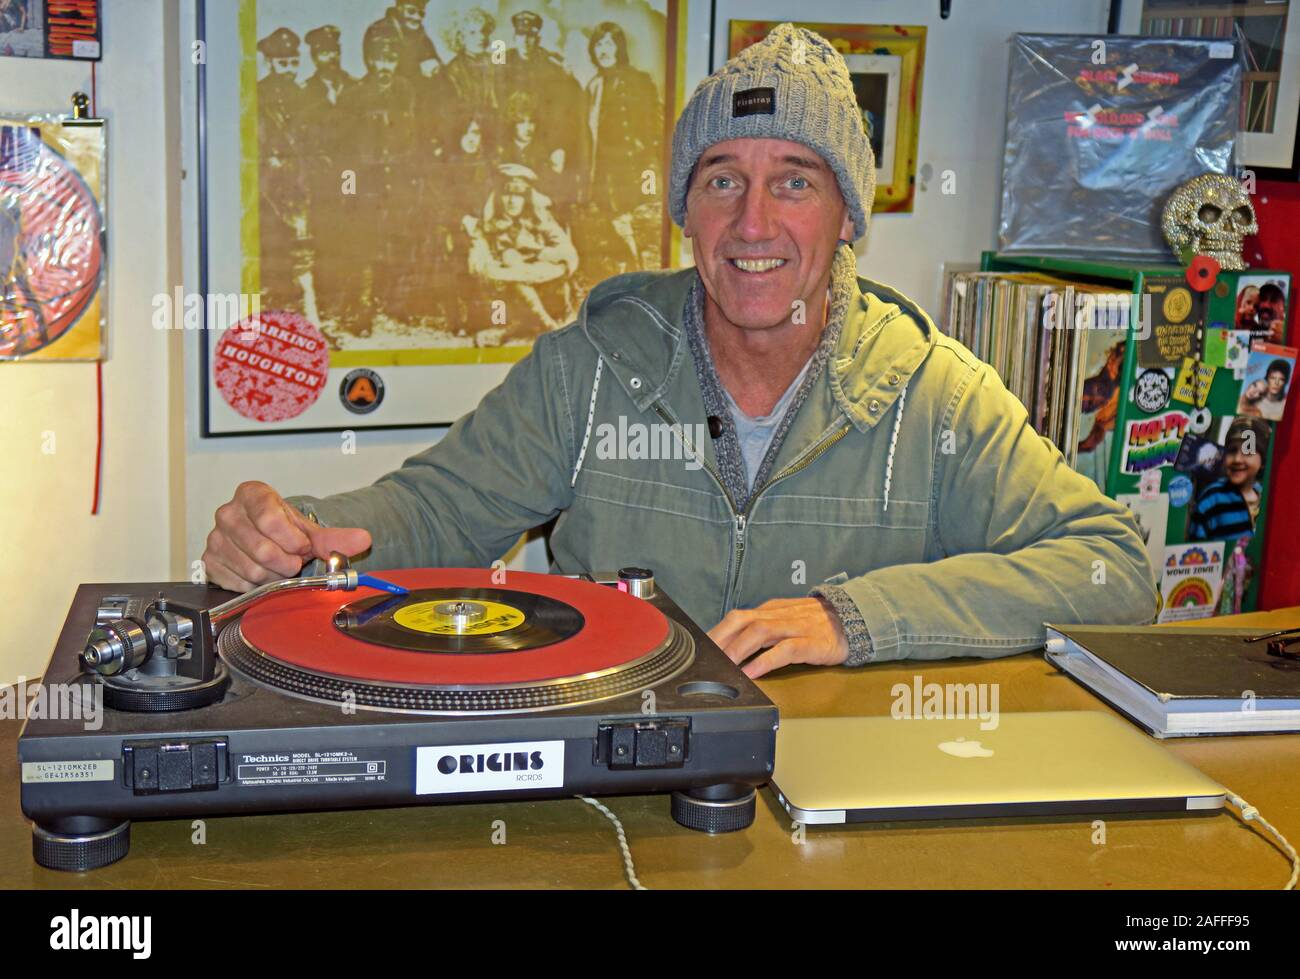 Dieses Stockfoto: Besitzer, Lizard Inc. Records, Independent Record Shop, Legh St, Warrington, Cheshire, England, UK, WA1 1UG, spielt eine Single - 2AFFF9